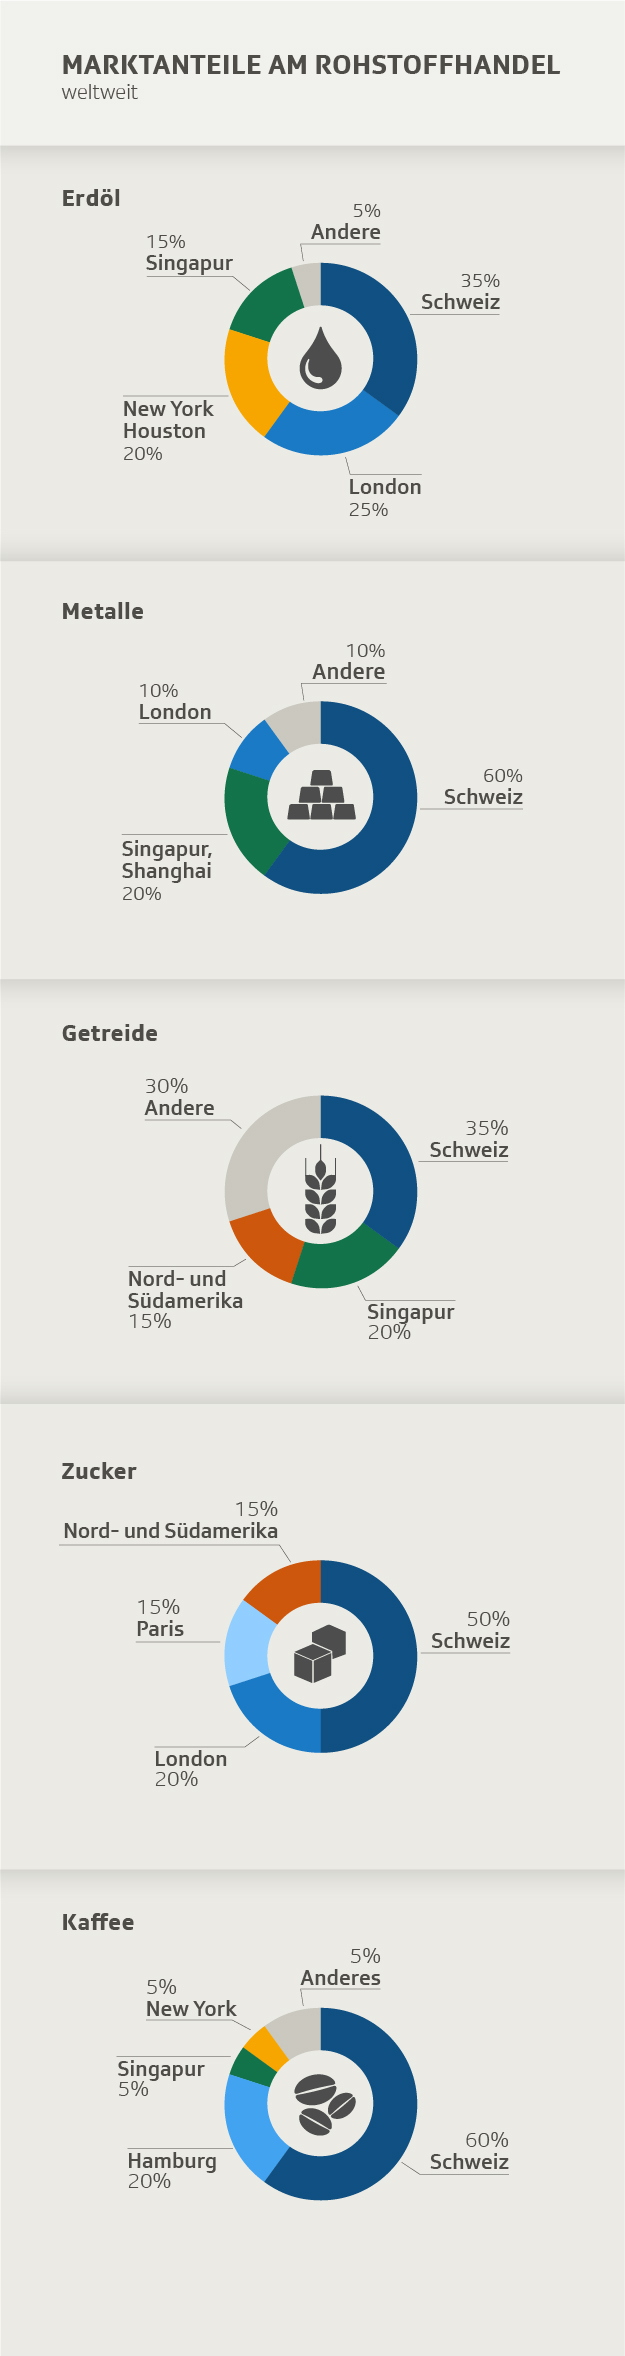 Schweizer Anteil am weltweiten Rohstoffhandel nach Sektoren